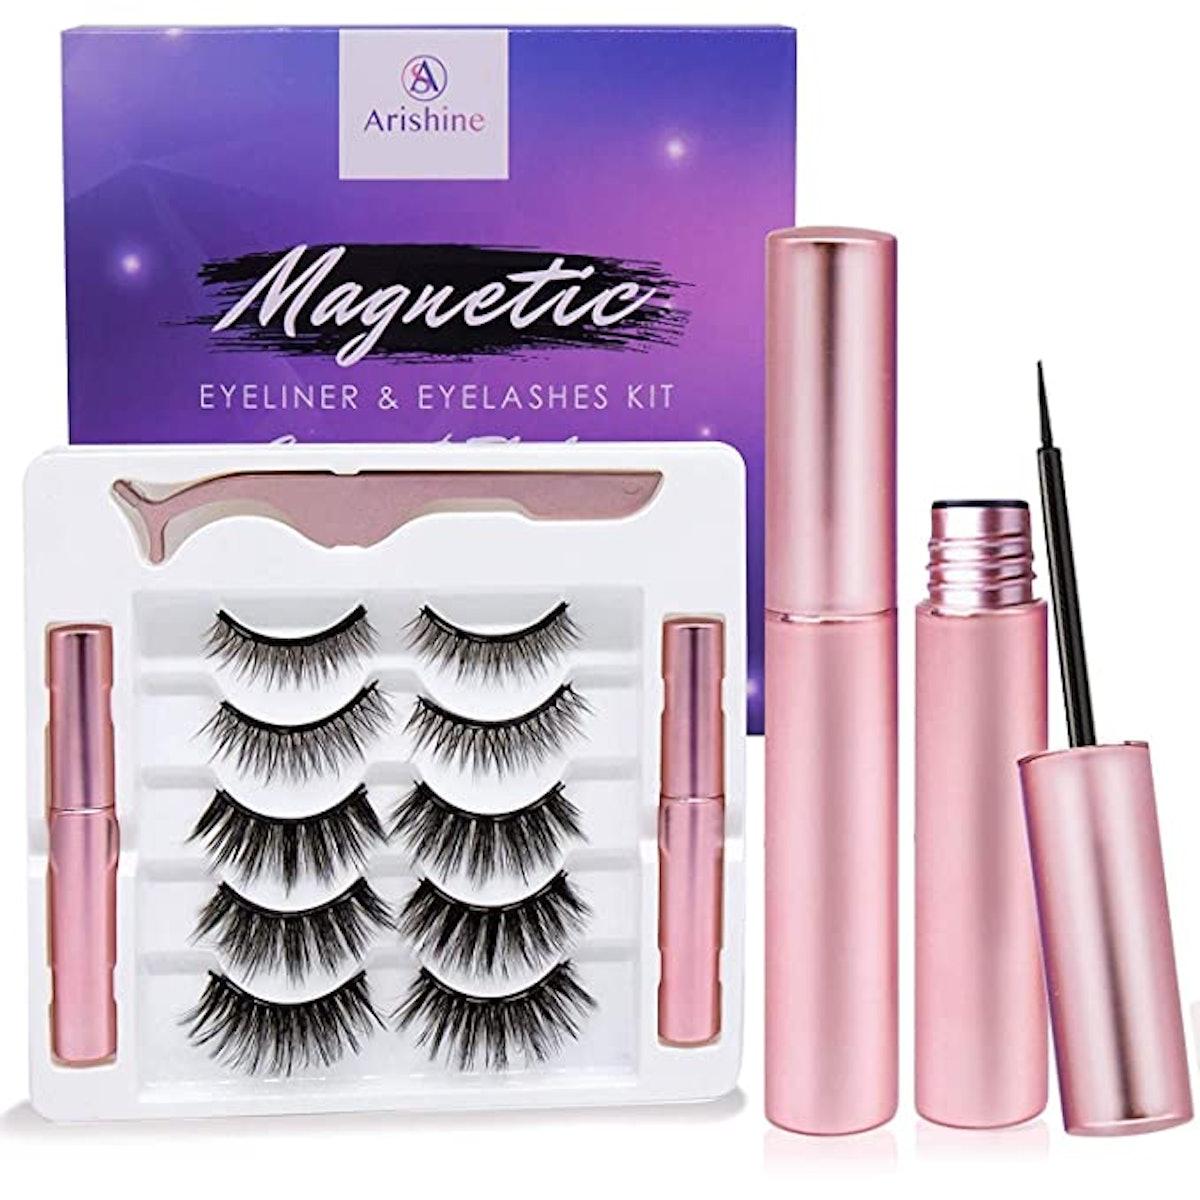 Arishine Magnetic Eyeliner and Lashes Kit (5-Pairs)